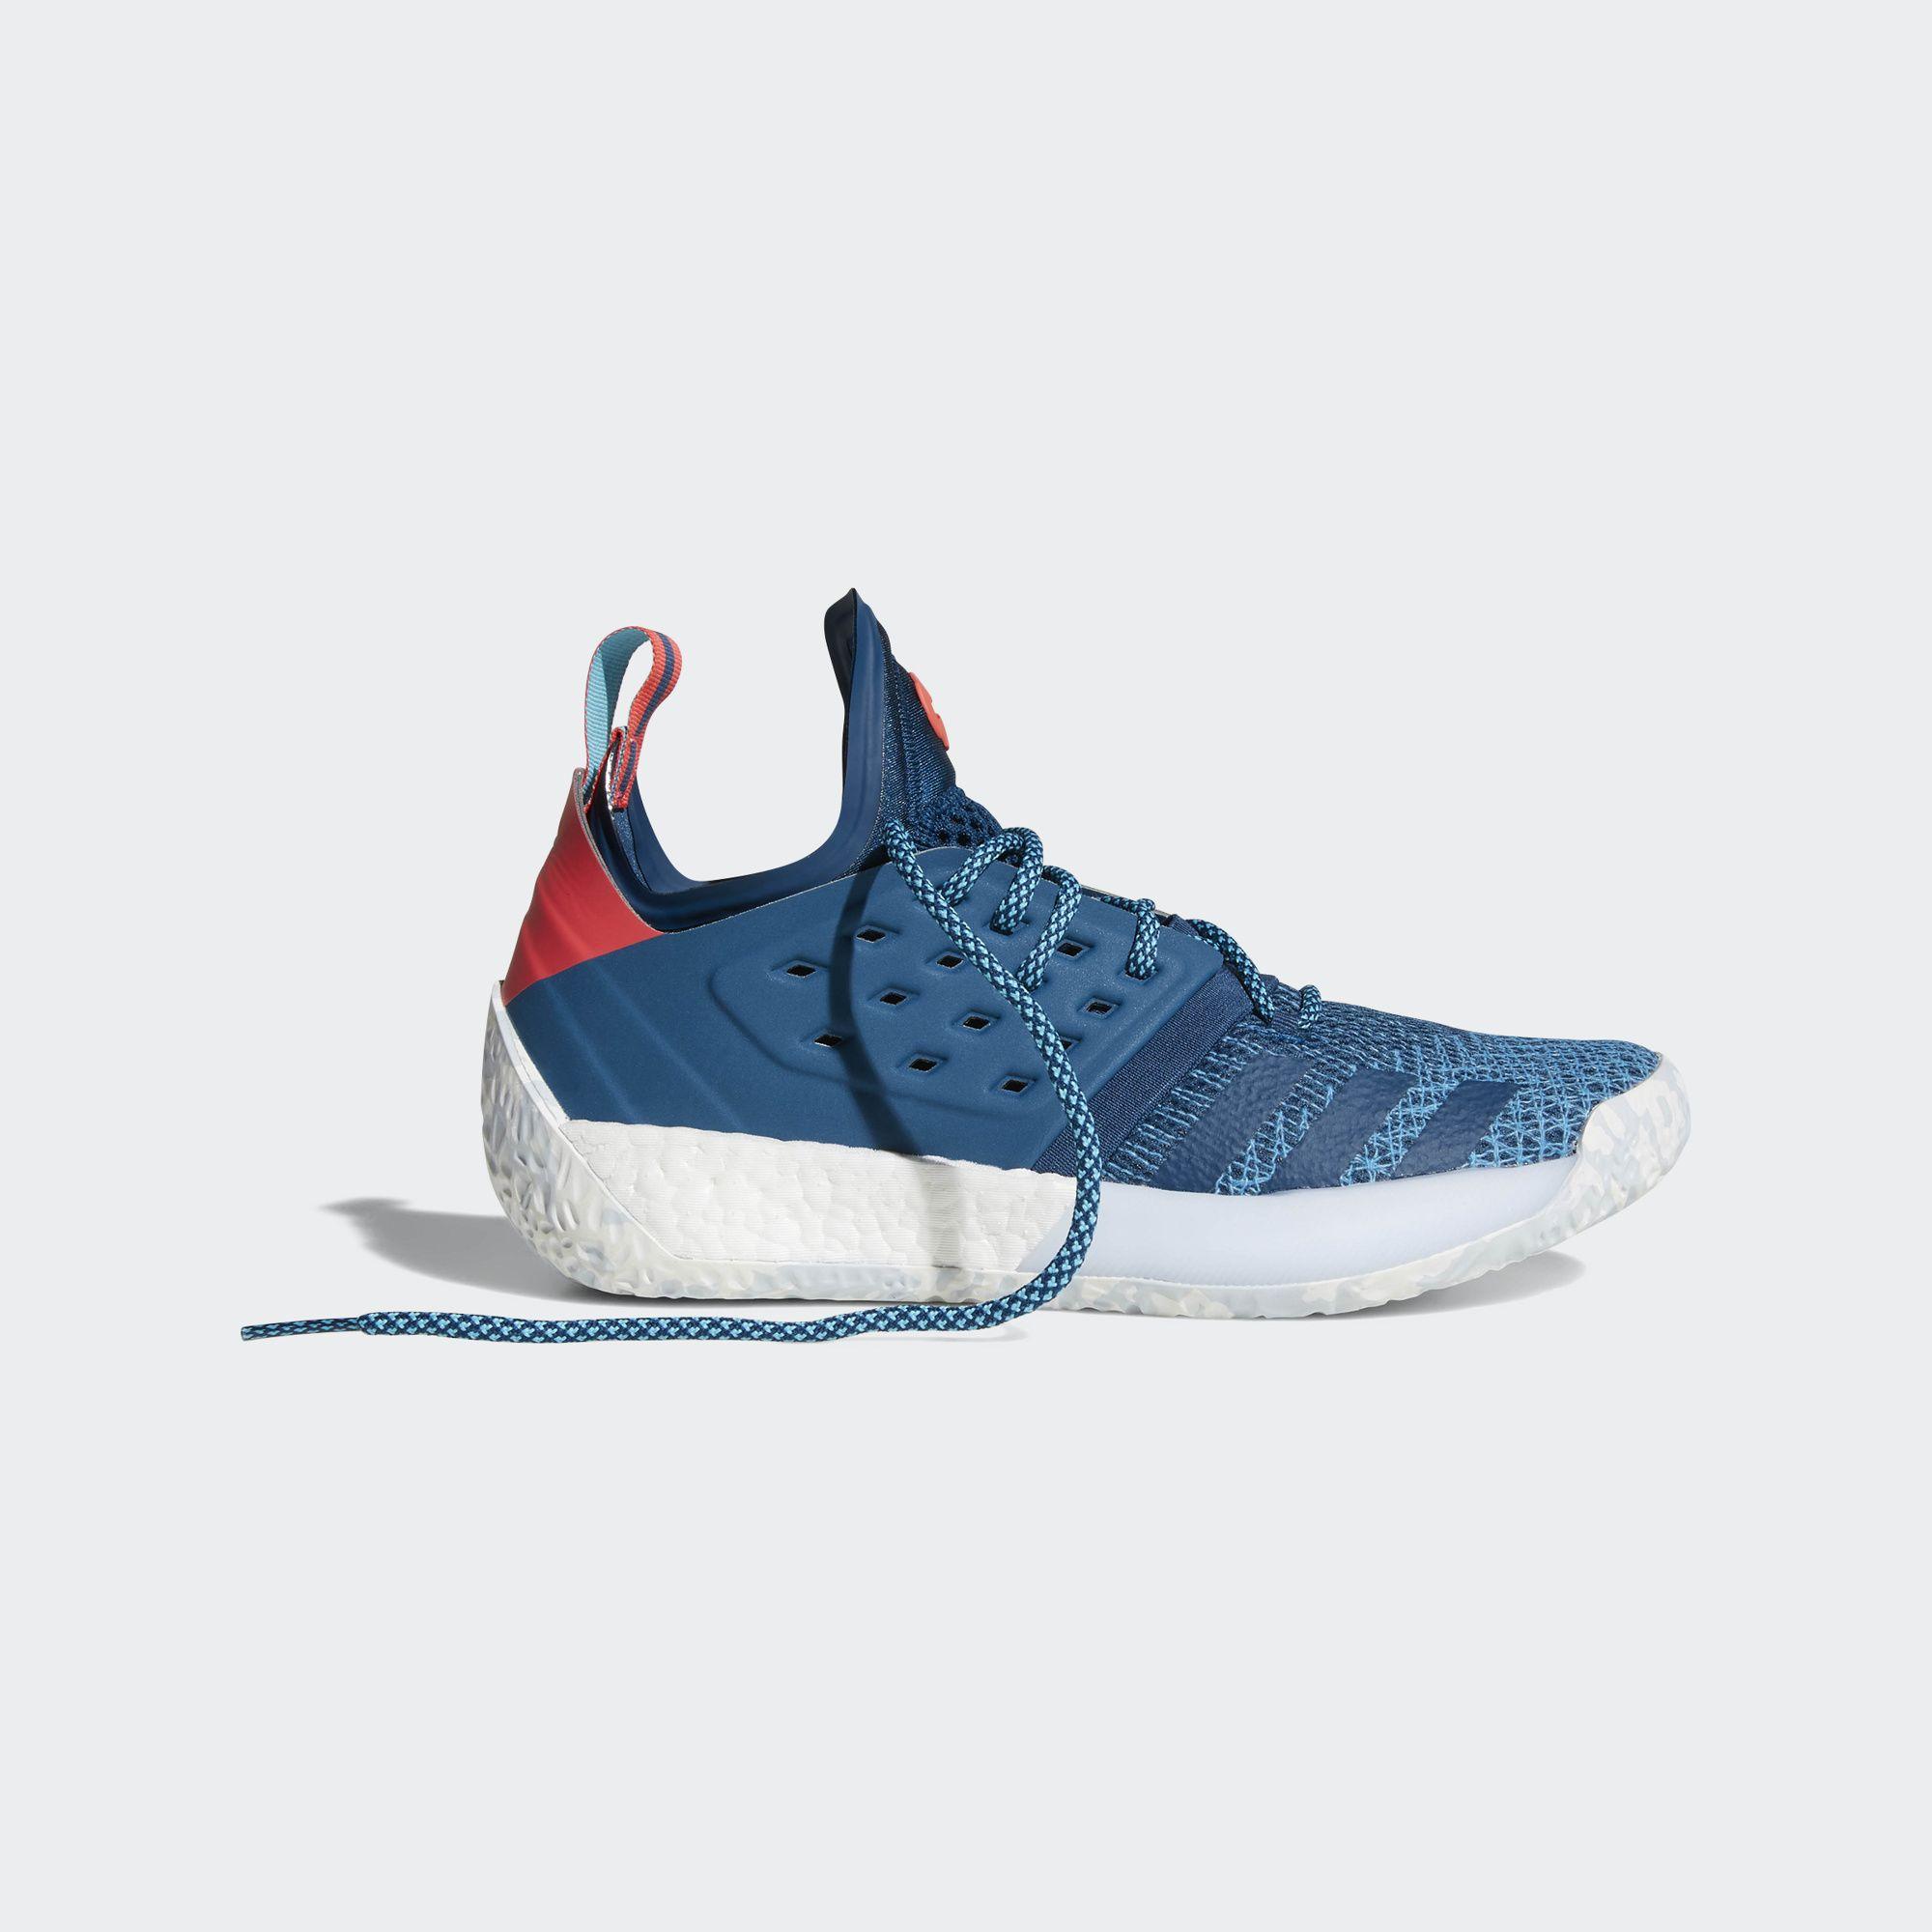 Adidas Harden Vol2 Mm 40 40 Mm Weartesters da4b1a